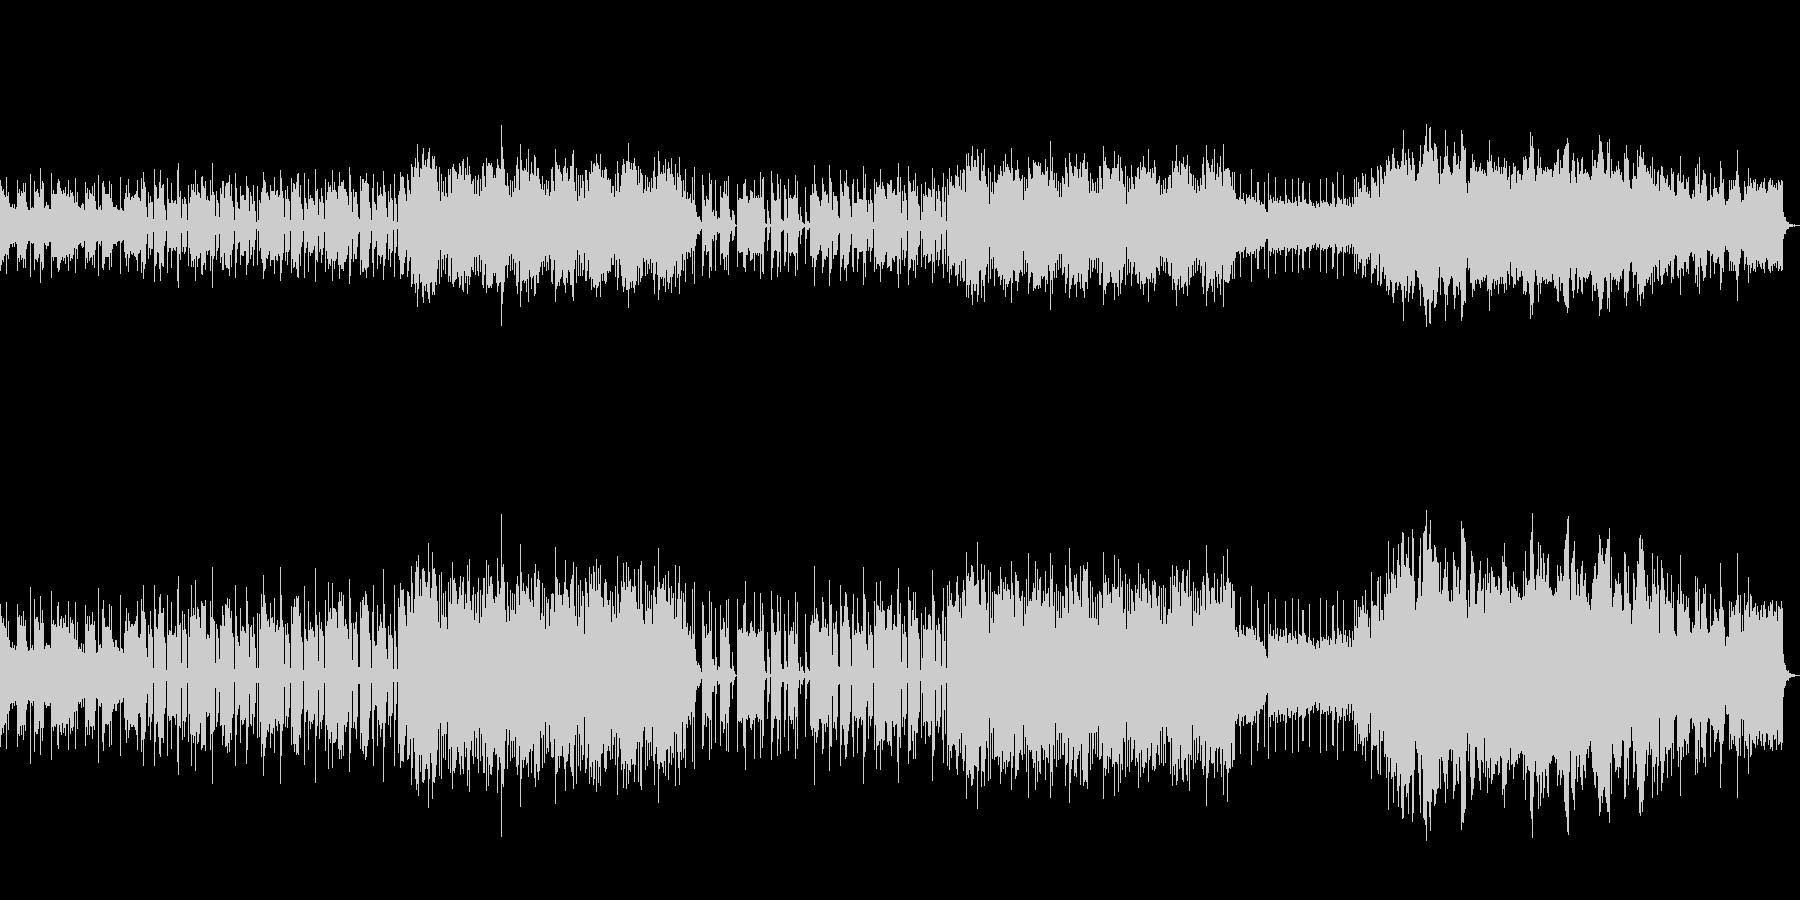 ハーモニカによる男らしいBGM。の未再生の波形